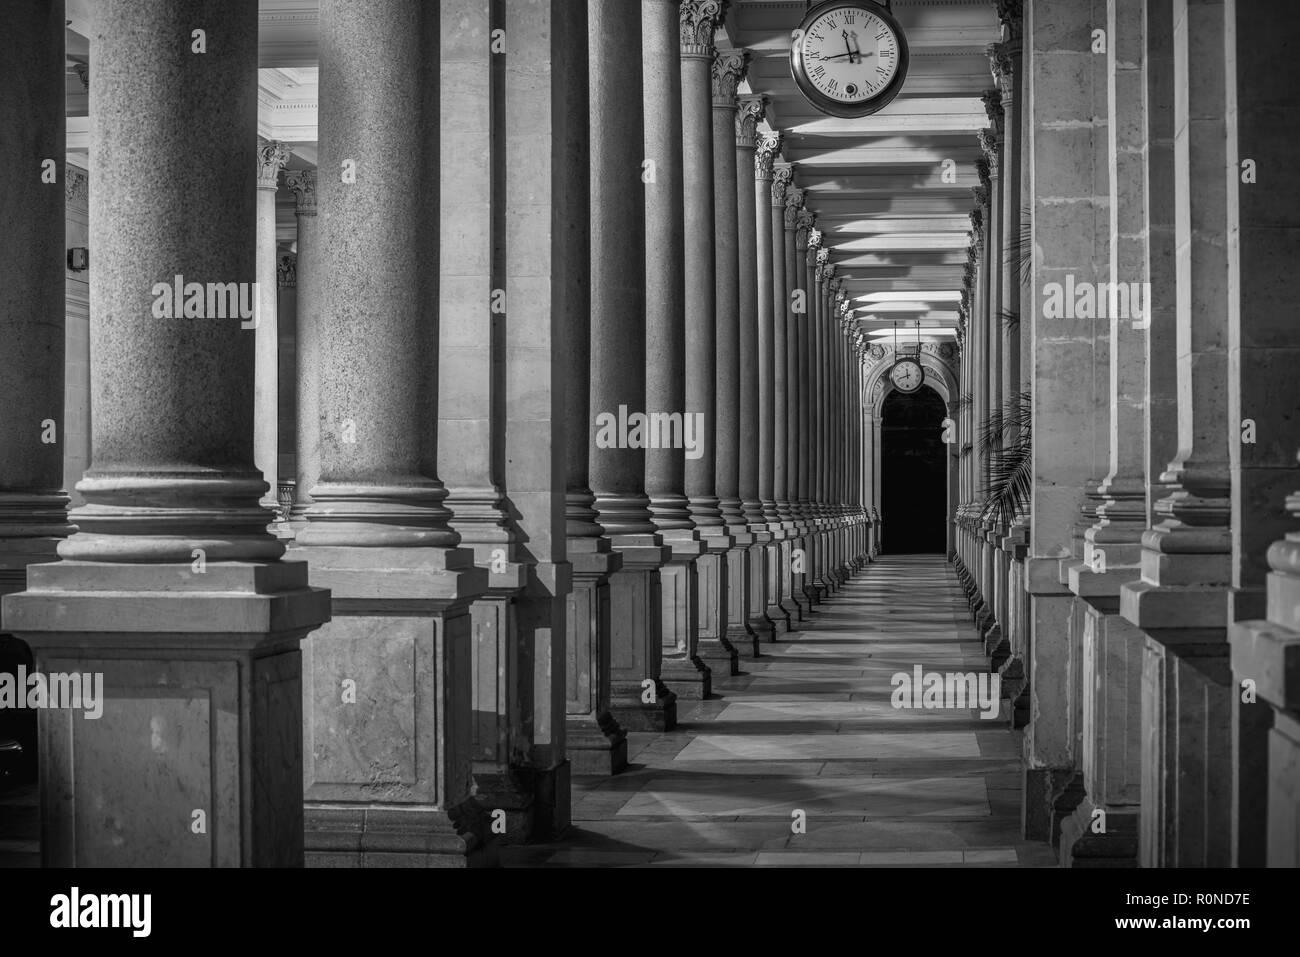 Mühlbrunnkolonnade, perspektivische Ansicht von 'innen', Karlsbad, schwarzweiß bei Nacht - Stock Image